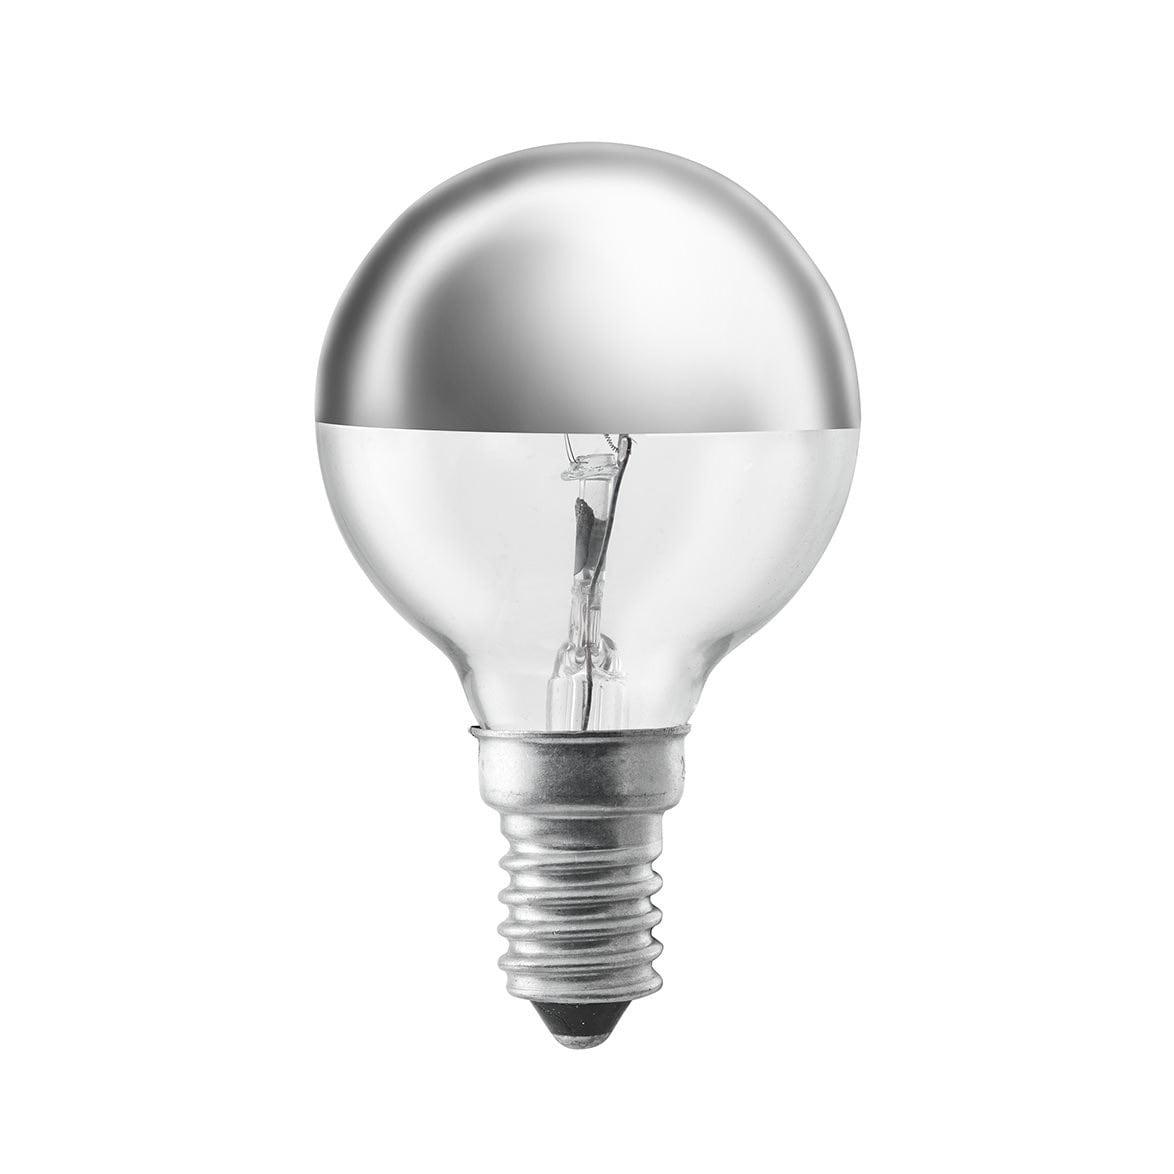 Tpf-klotlampa 40W E14 Silver/Klar